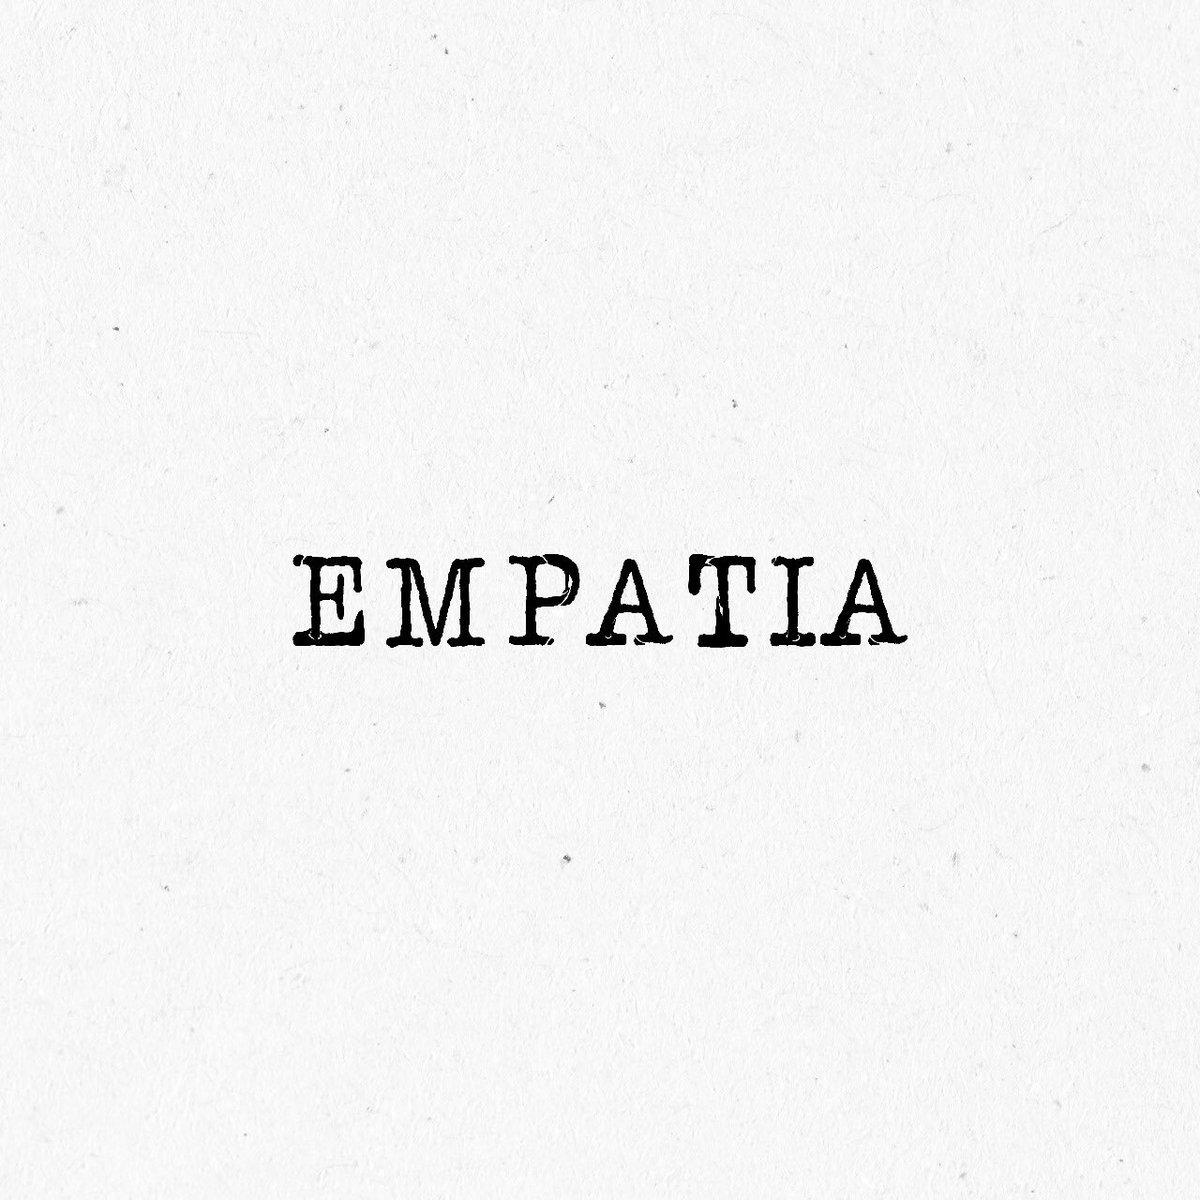 O barato da empatia é justamente você se colocar no lugar de alguém que passa por situações que normalmente estão fora do seu alcance de compreensão.